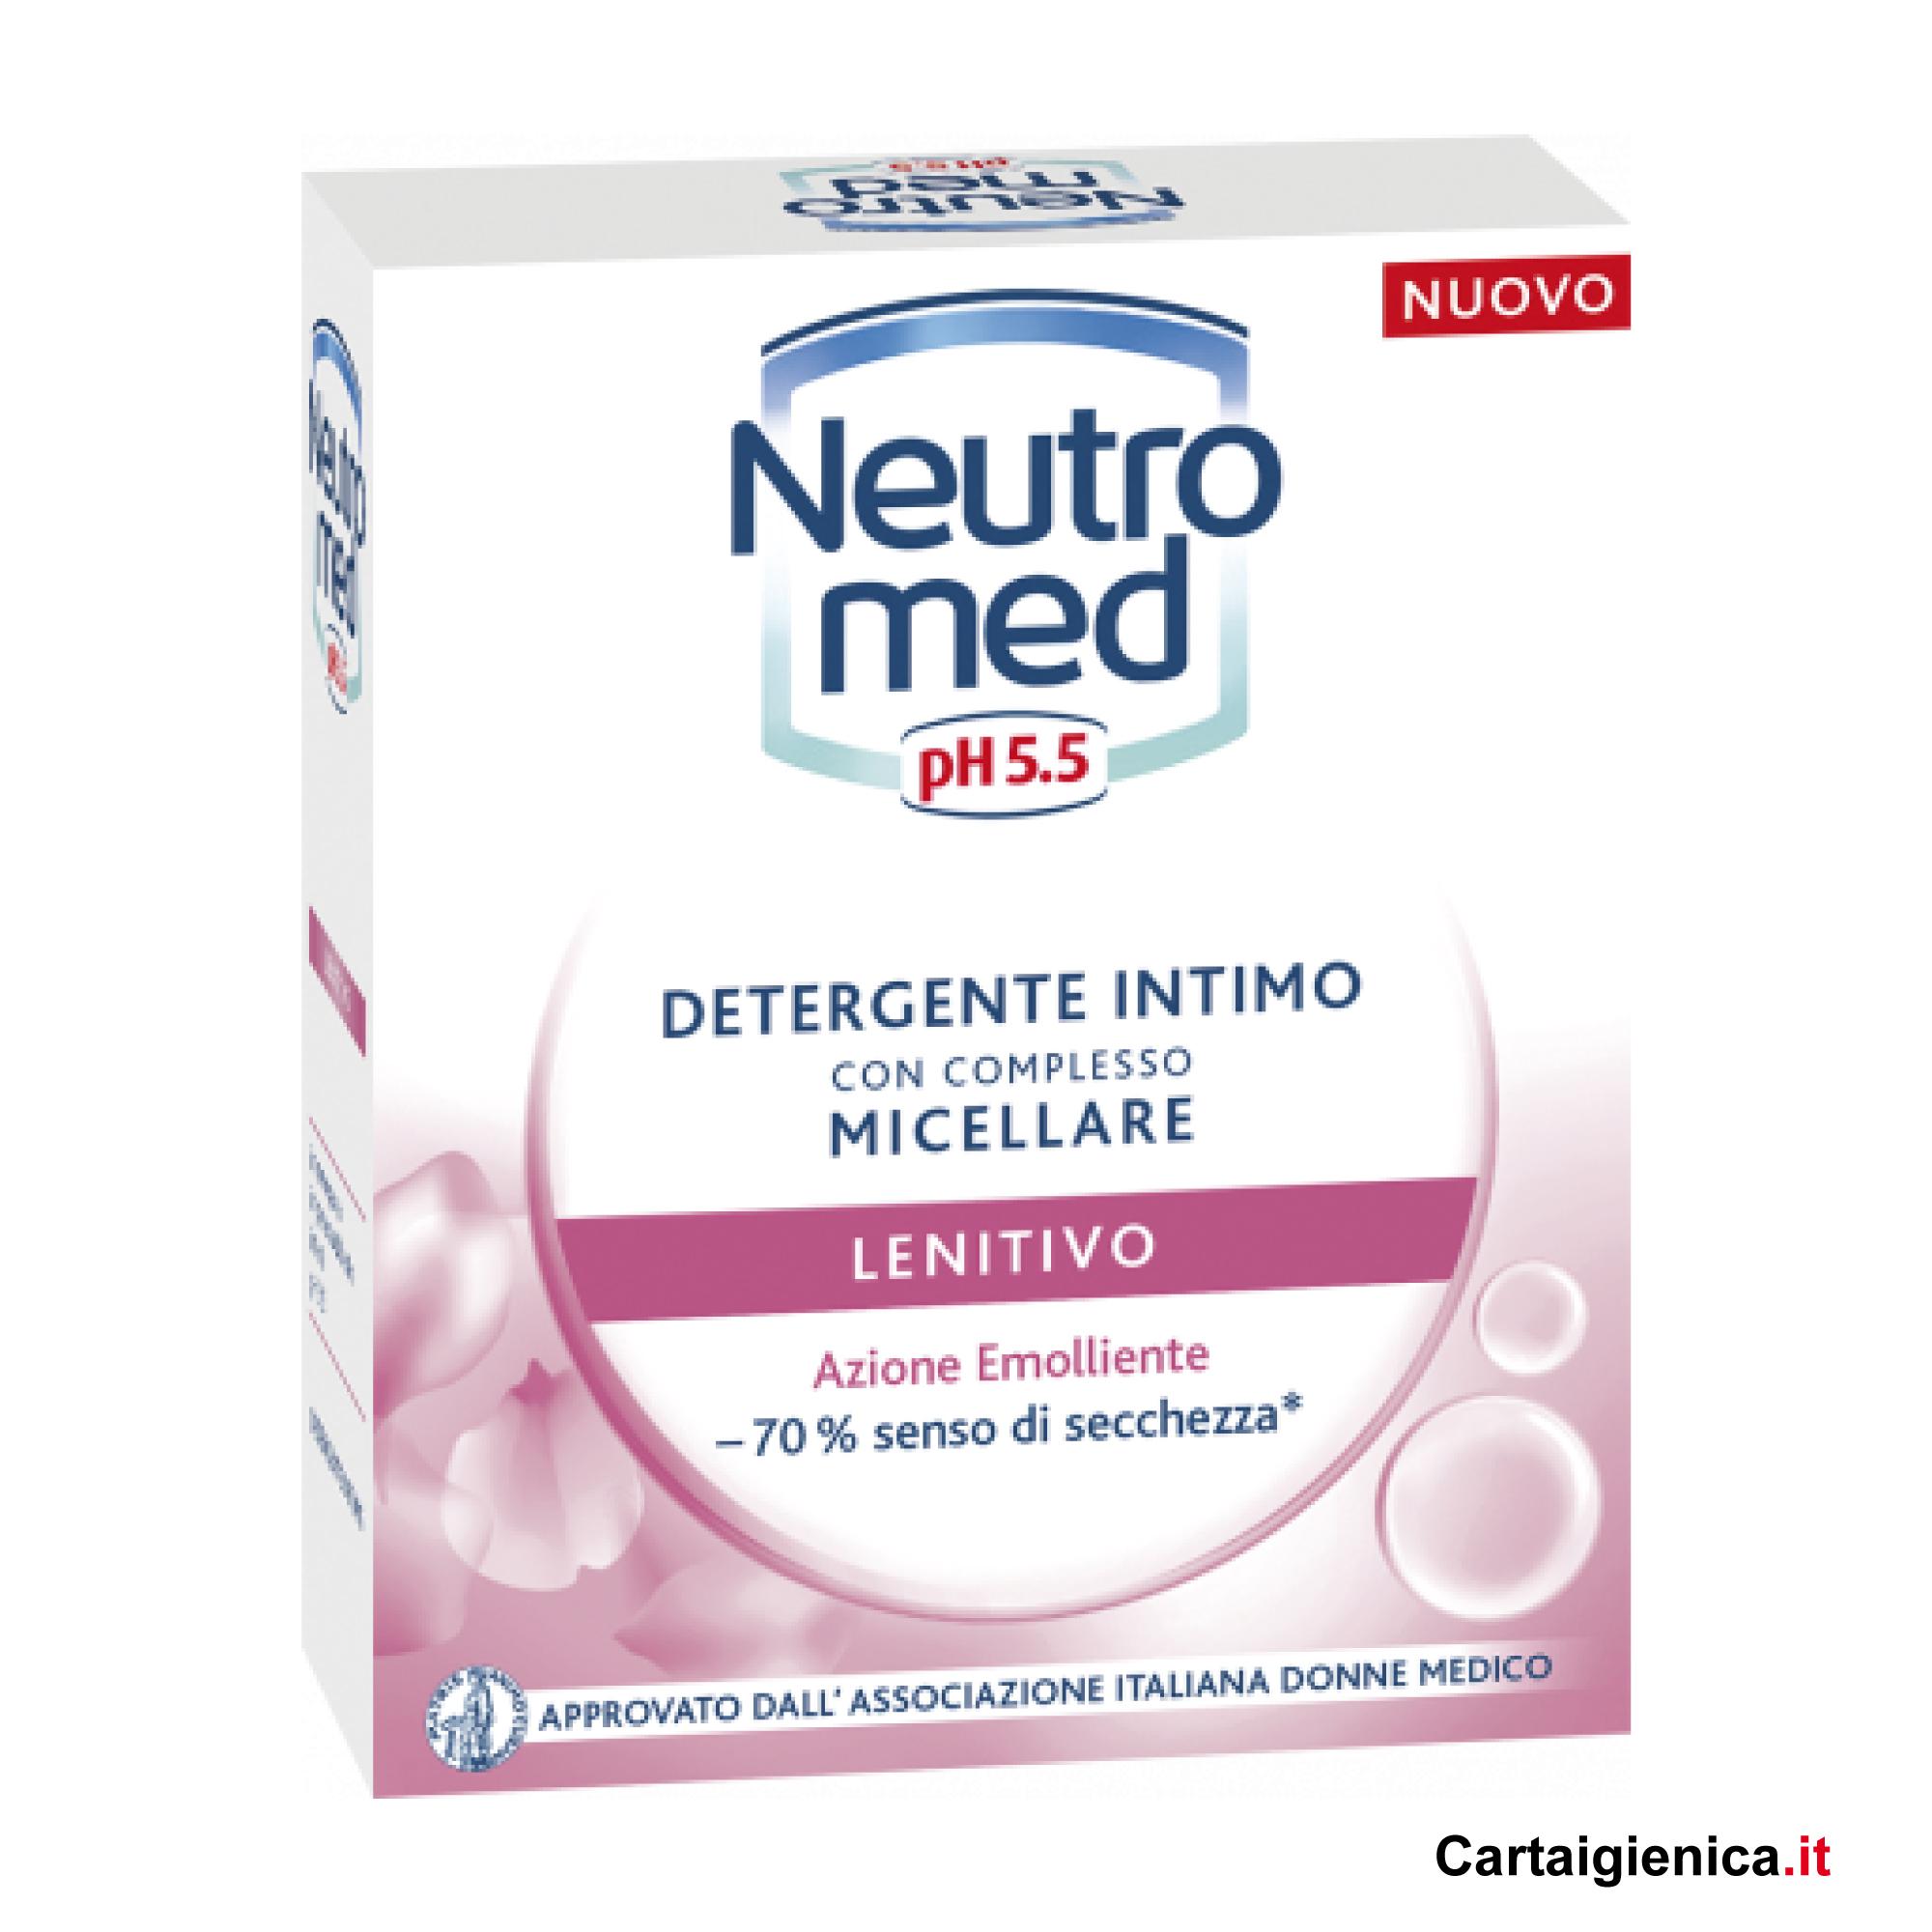 neutromed detergente intimo micellare lenitivo azione emoliente 200 ml